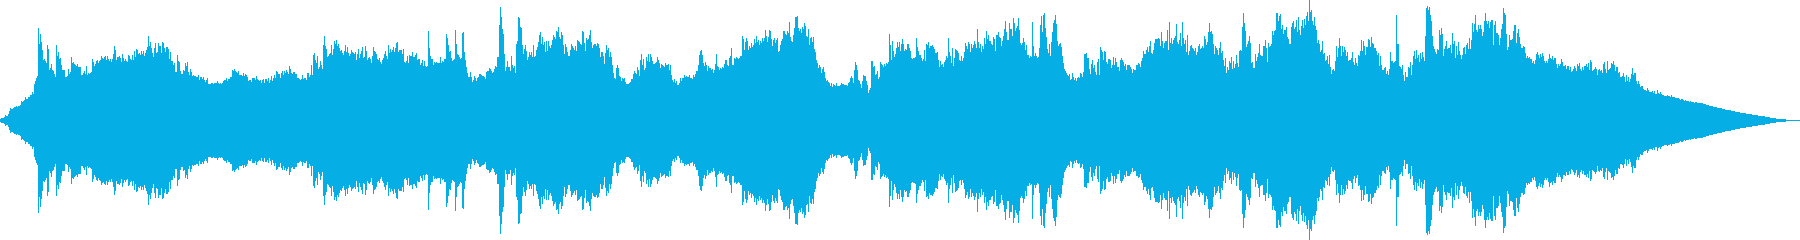 ワールド 民族 モダン 実験的 ア...の再生済みの波形